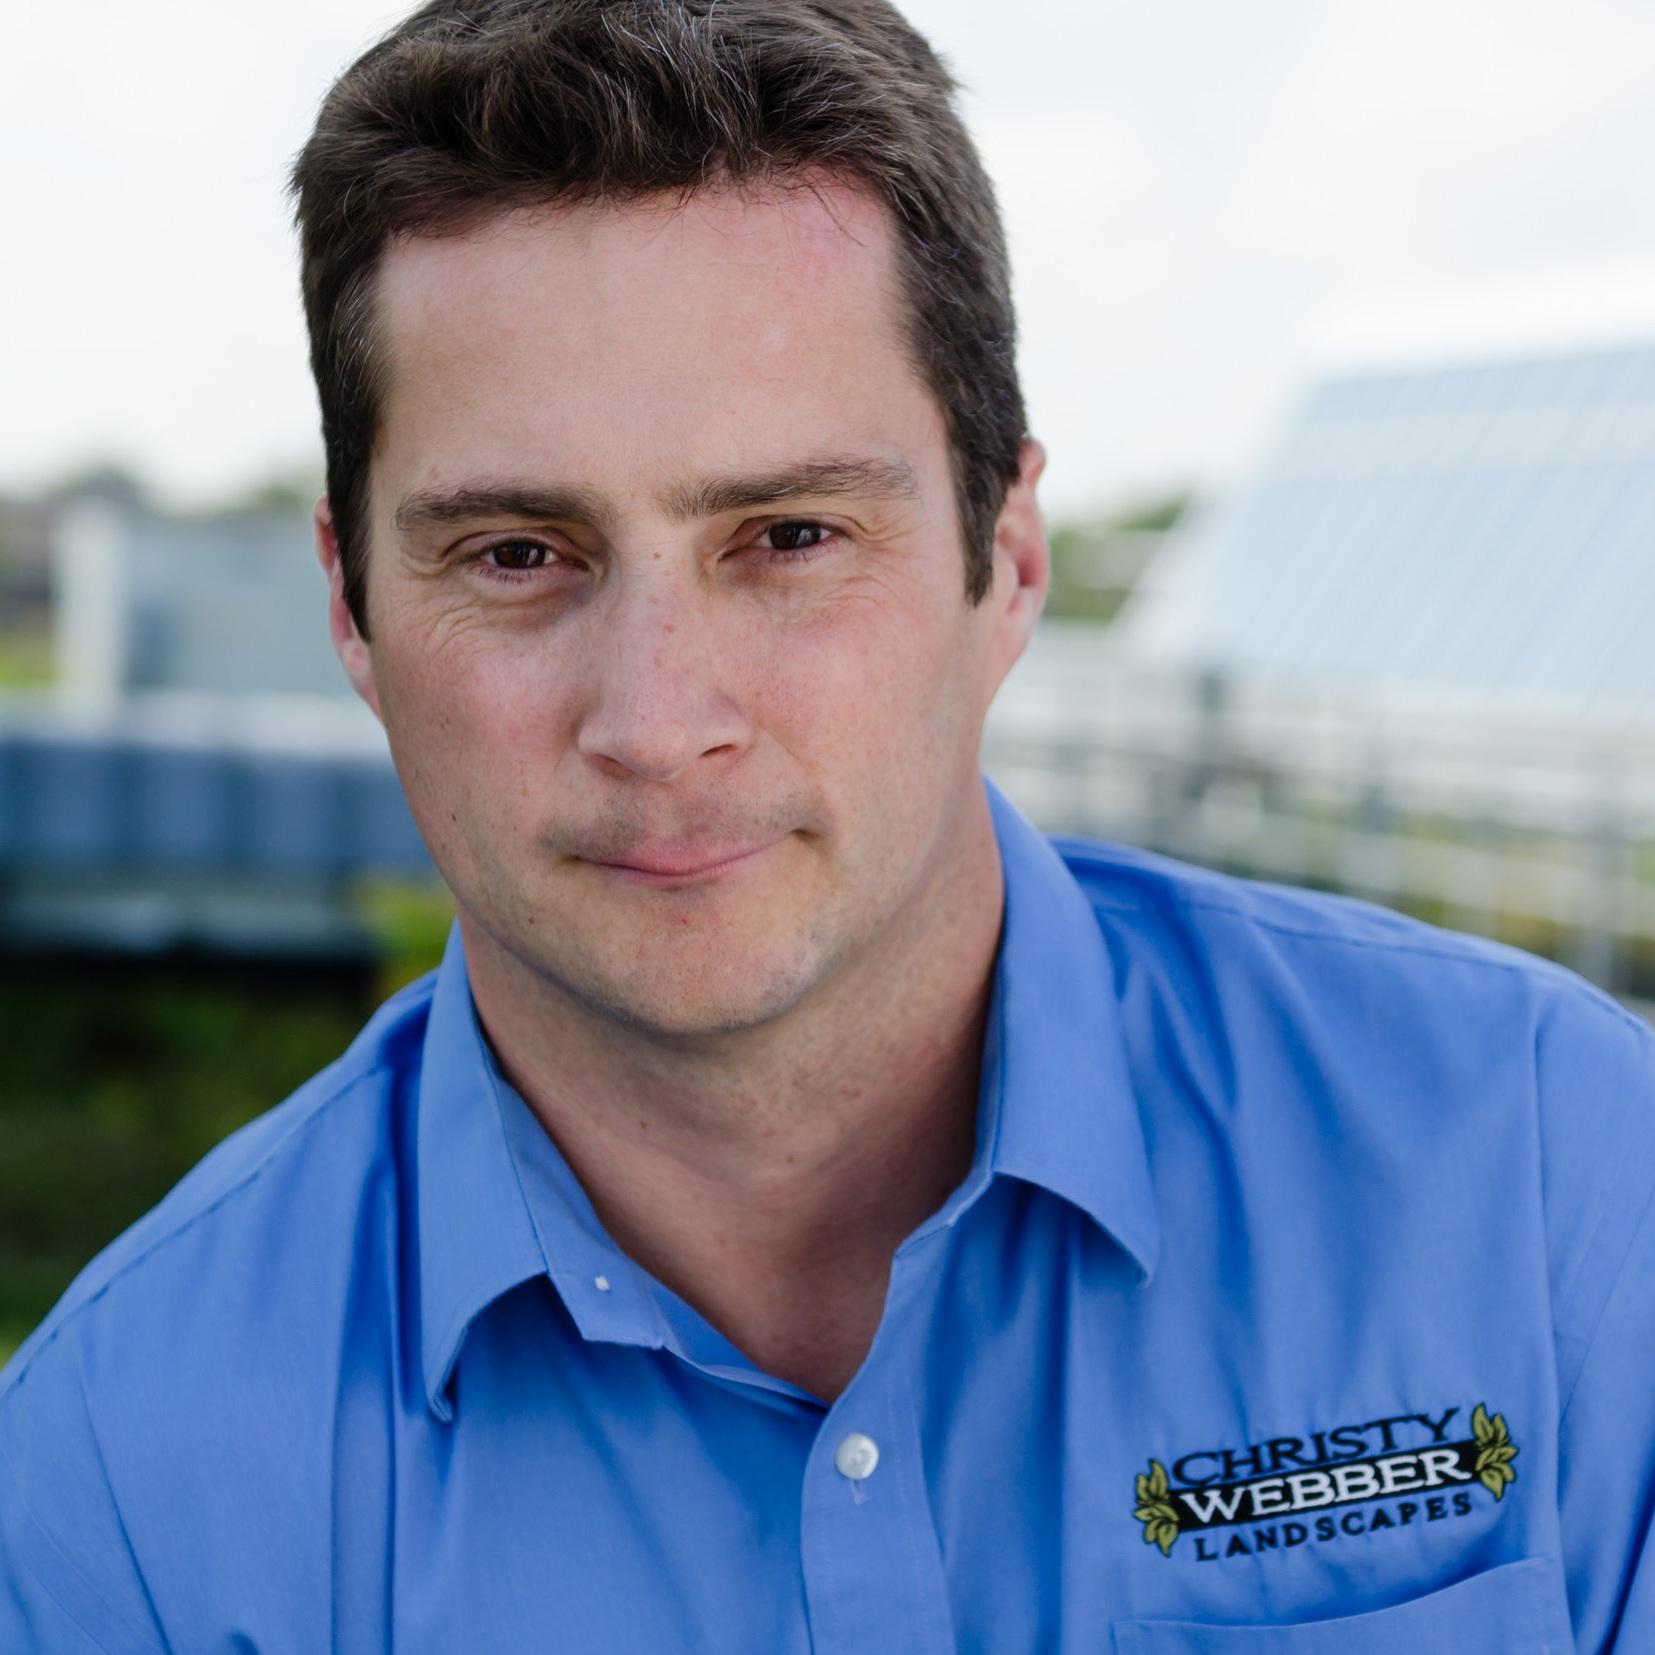 JIM WALDSCHMIDT   Project Manager   jim.waldschmidt@christywebber.com